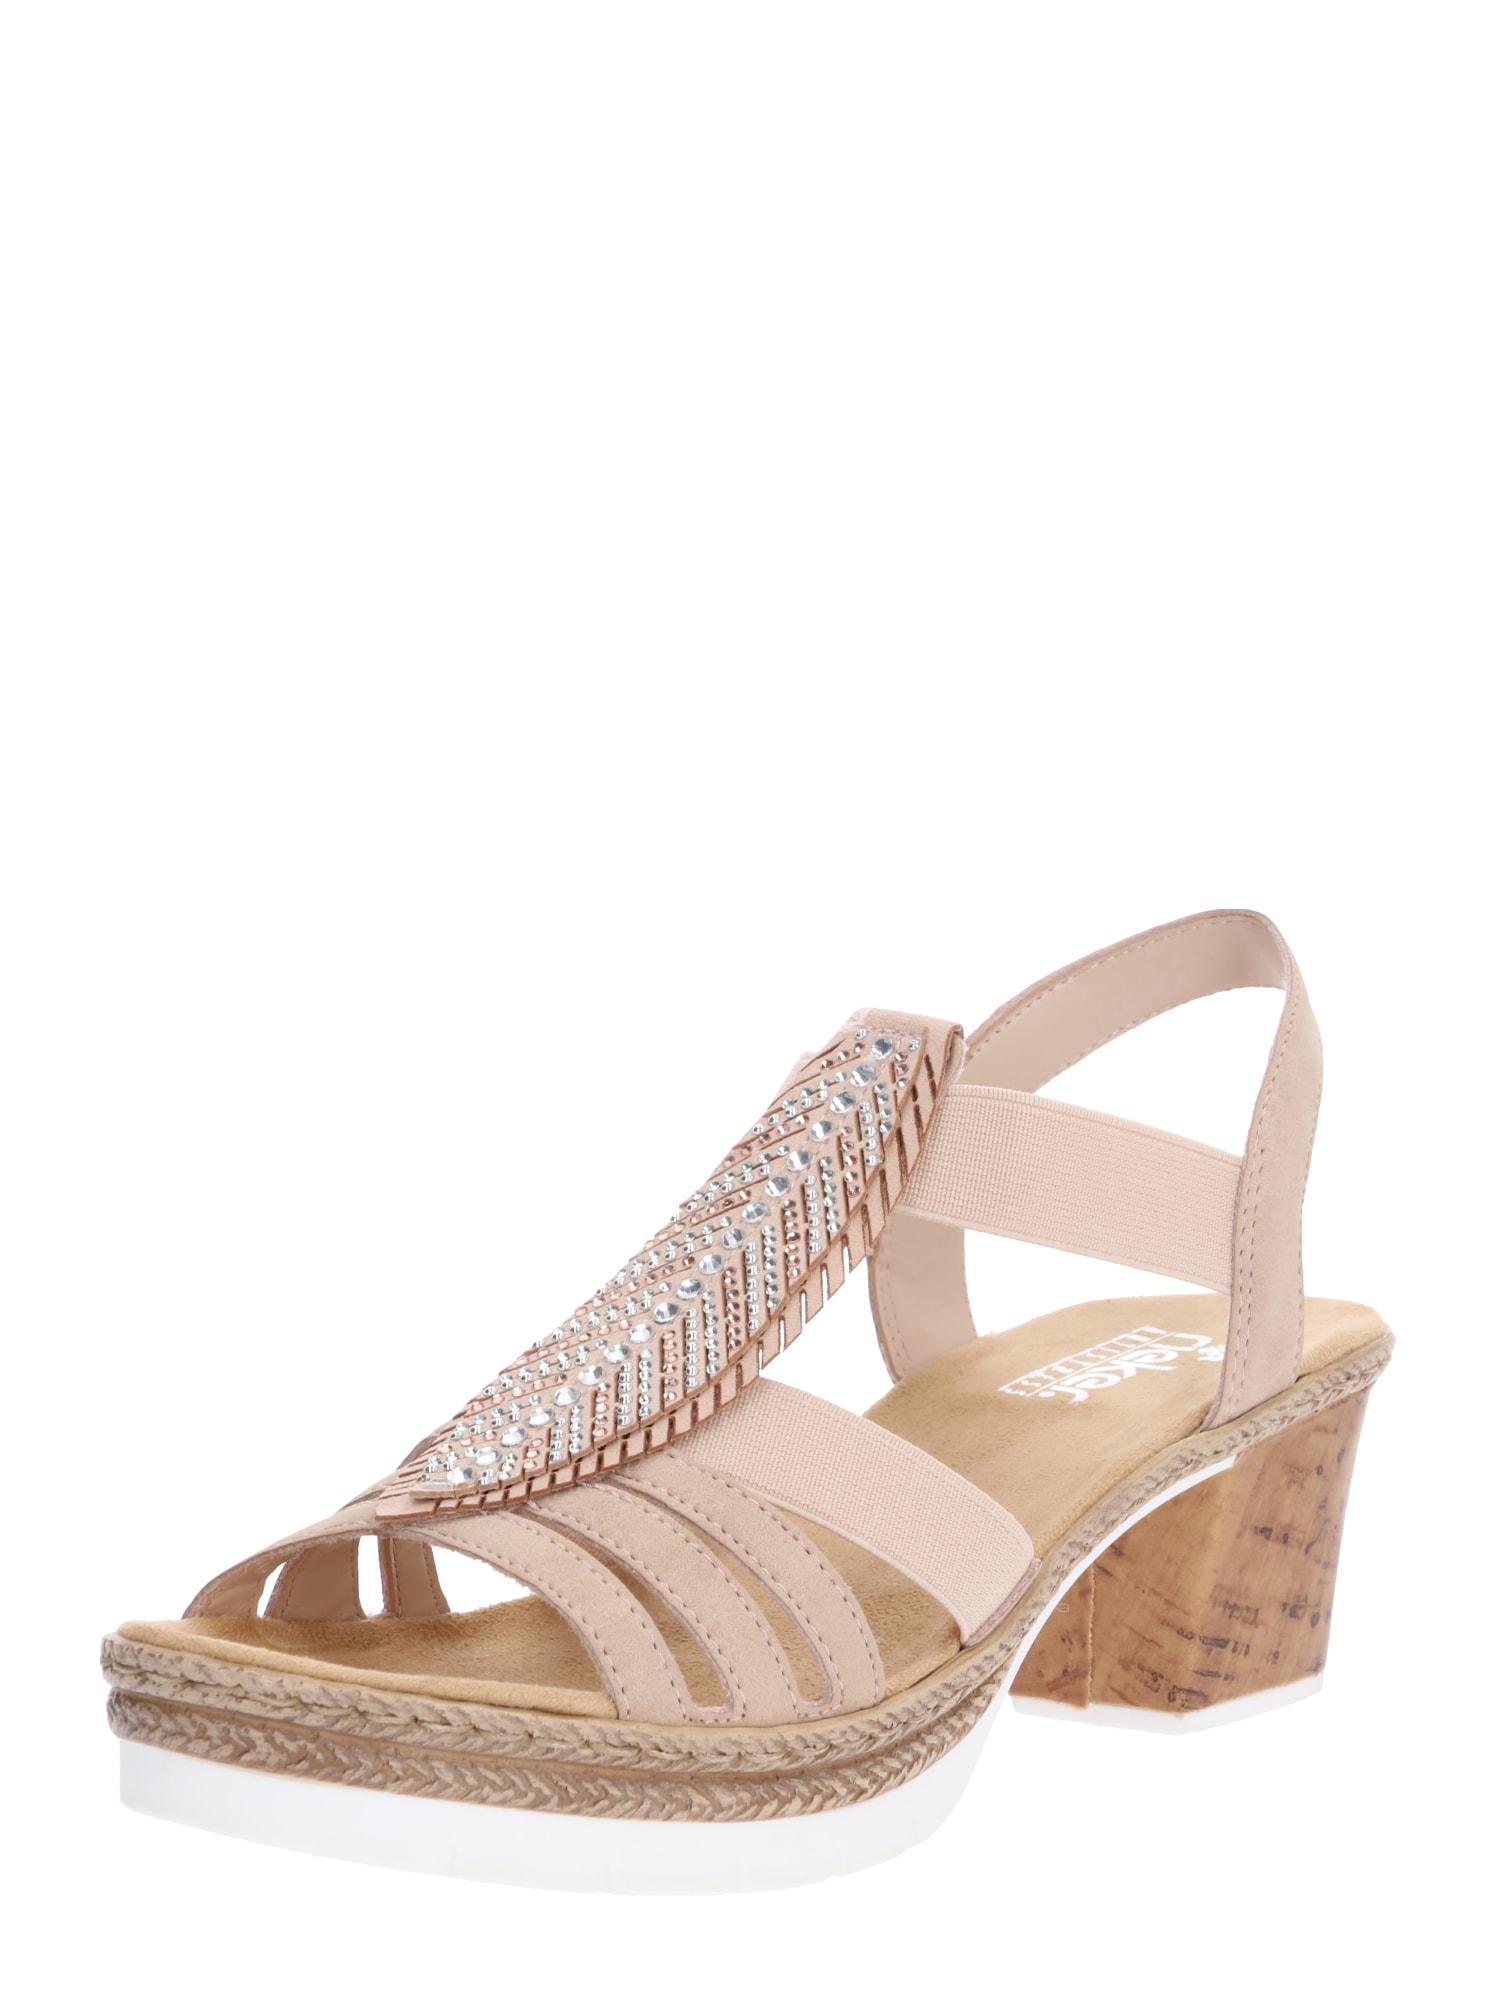 Sandály V29B6-31 starorůžová RIEKER